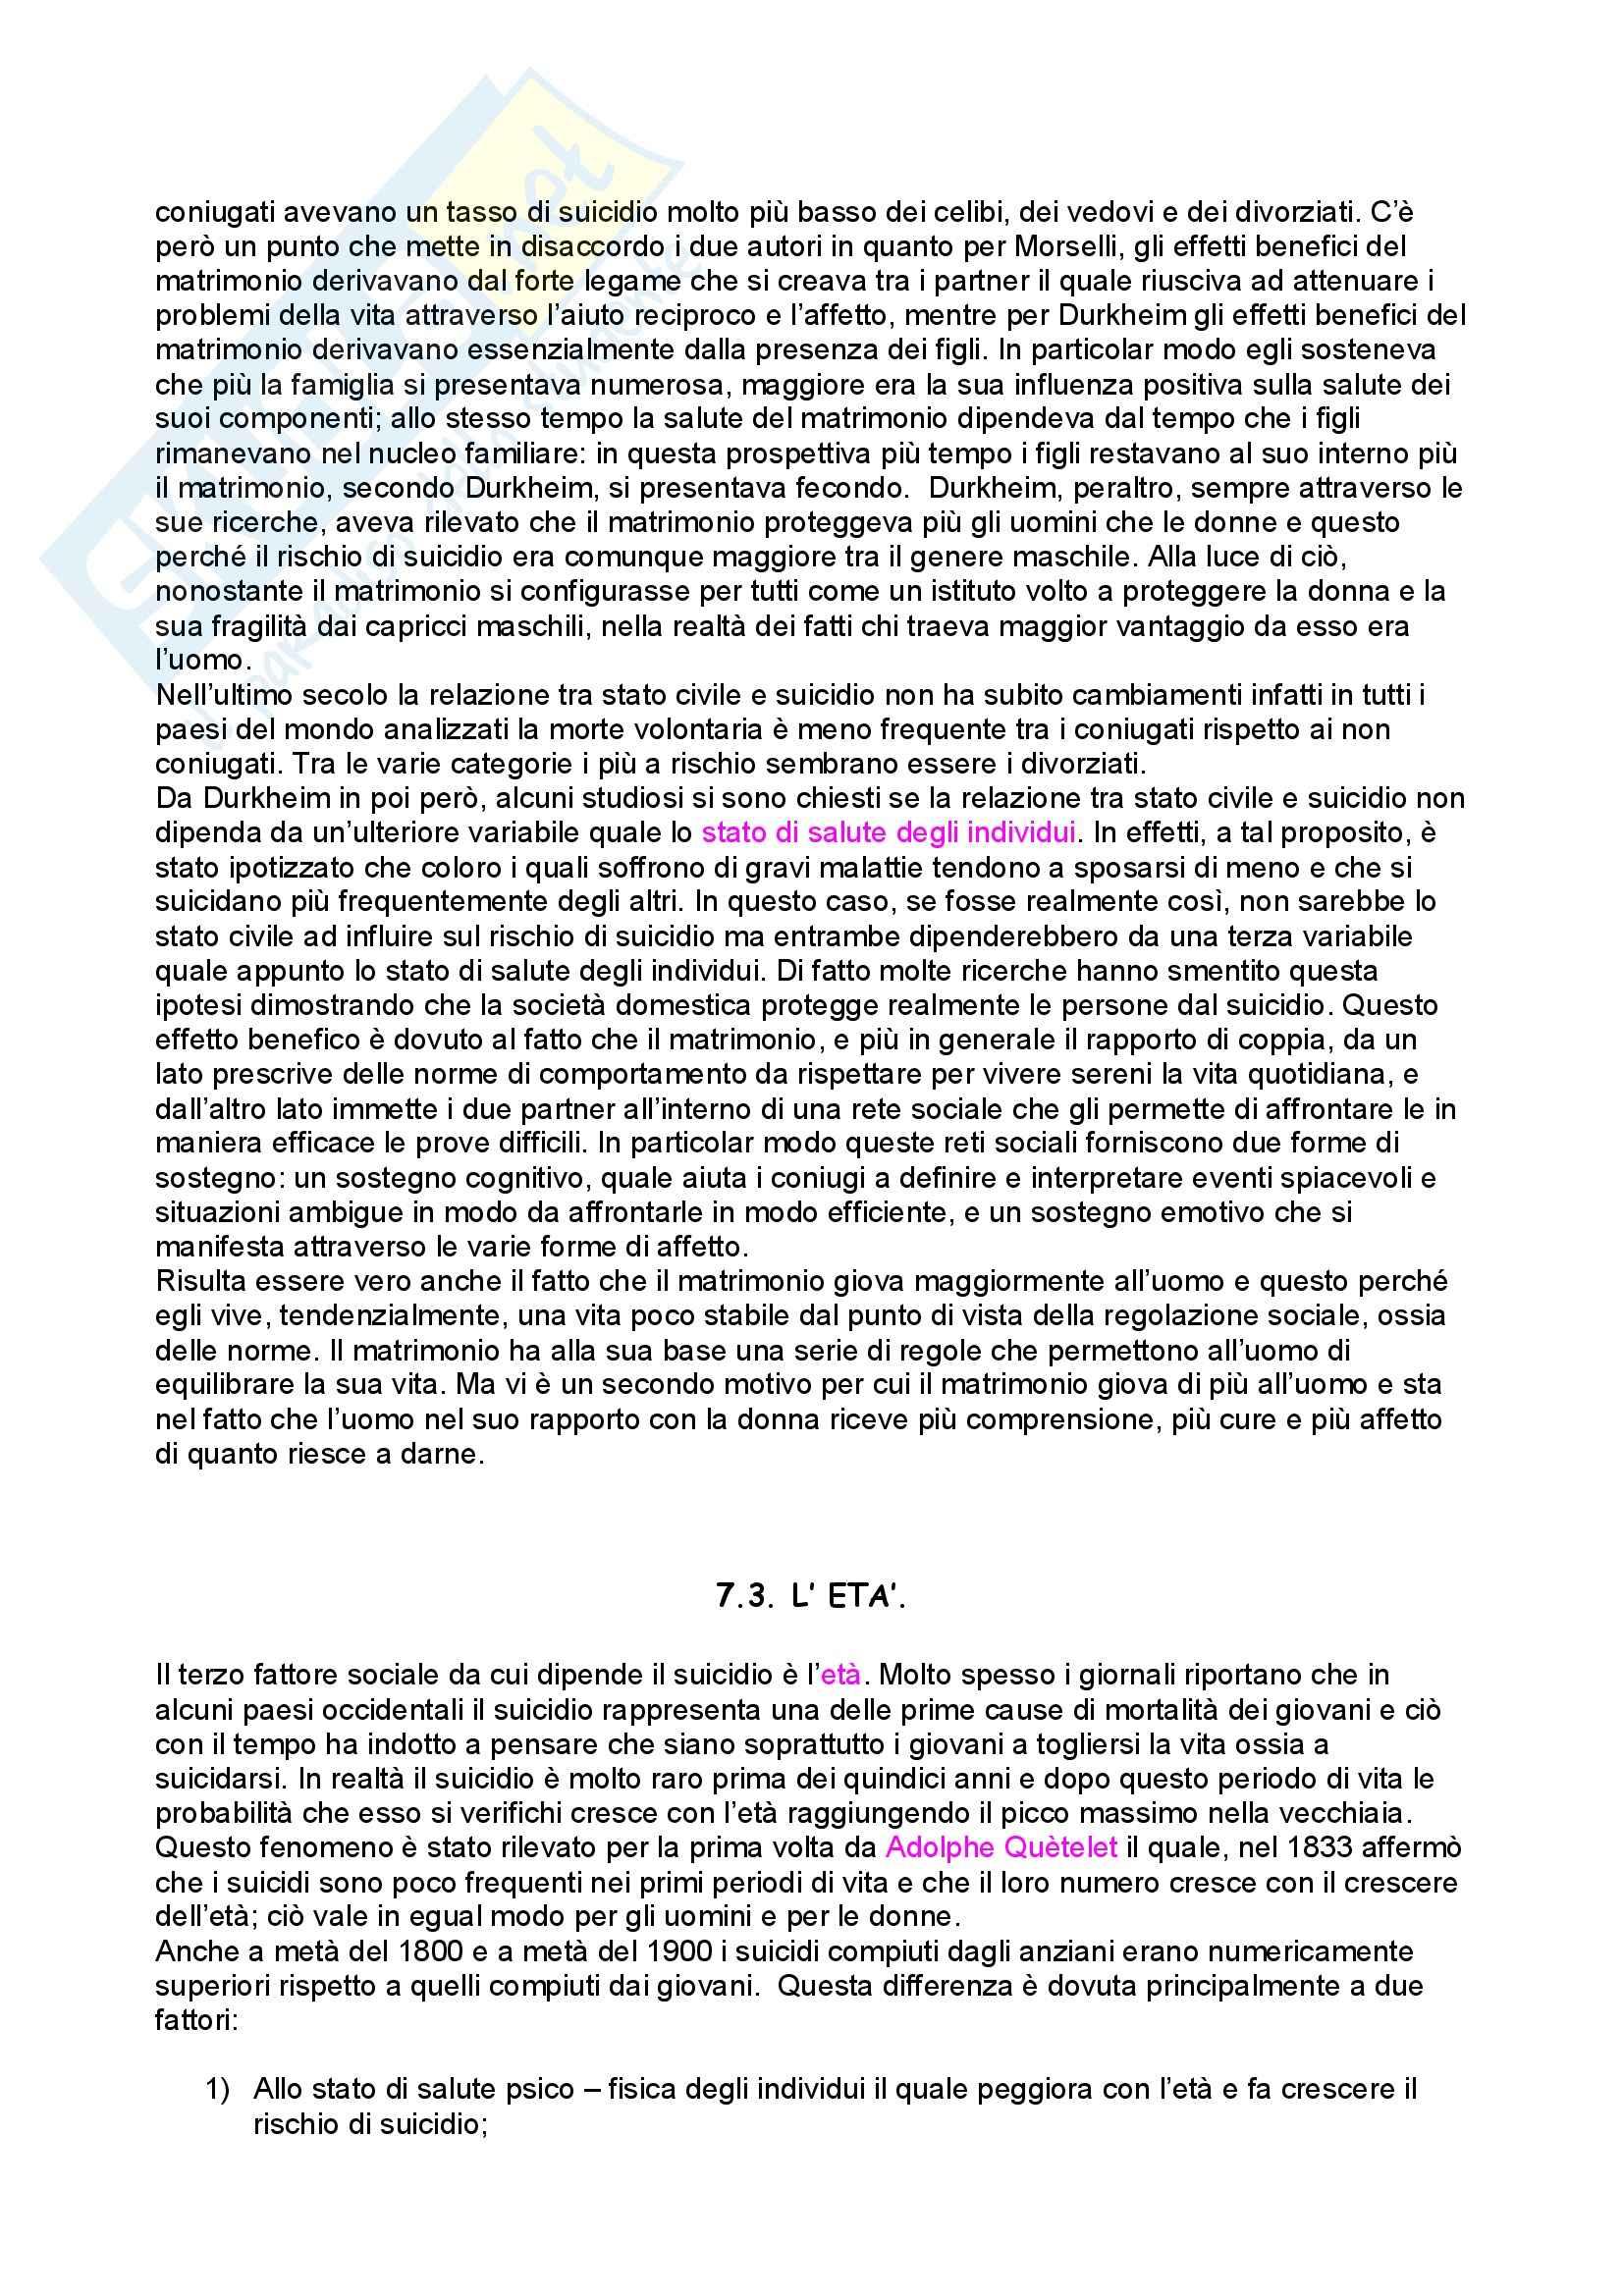 Sociologia criminale – Sociologia della devianza – Suicidio Pag. 6